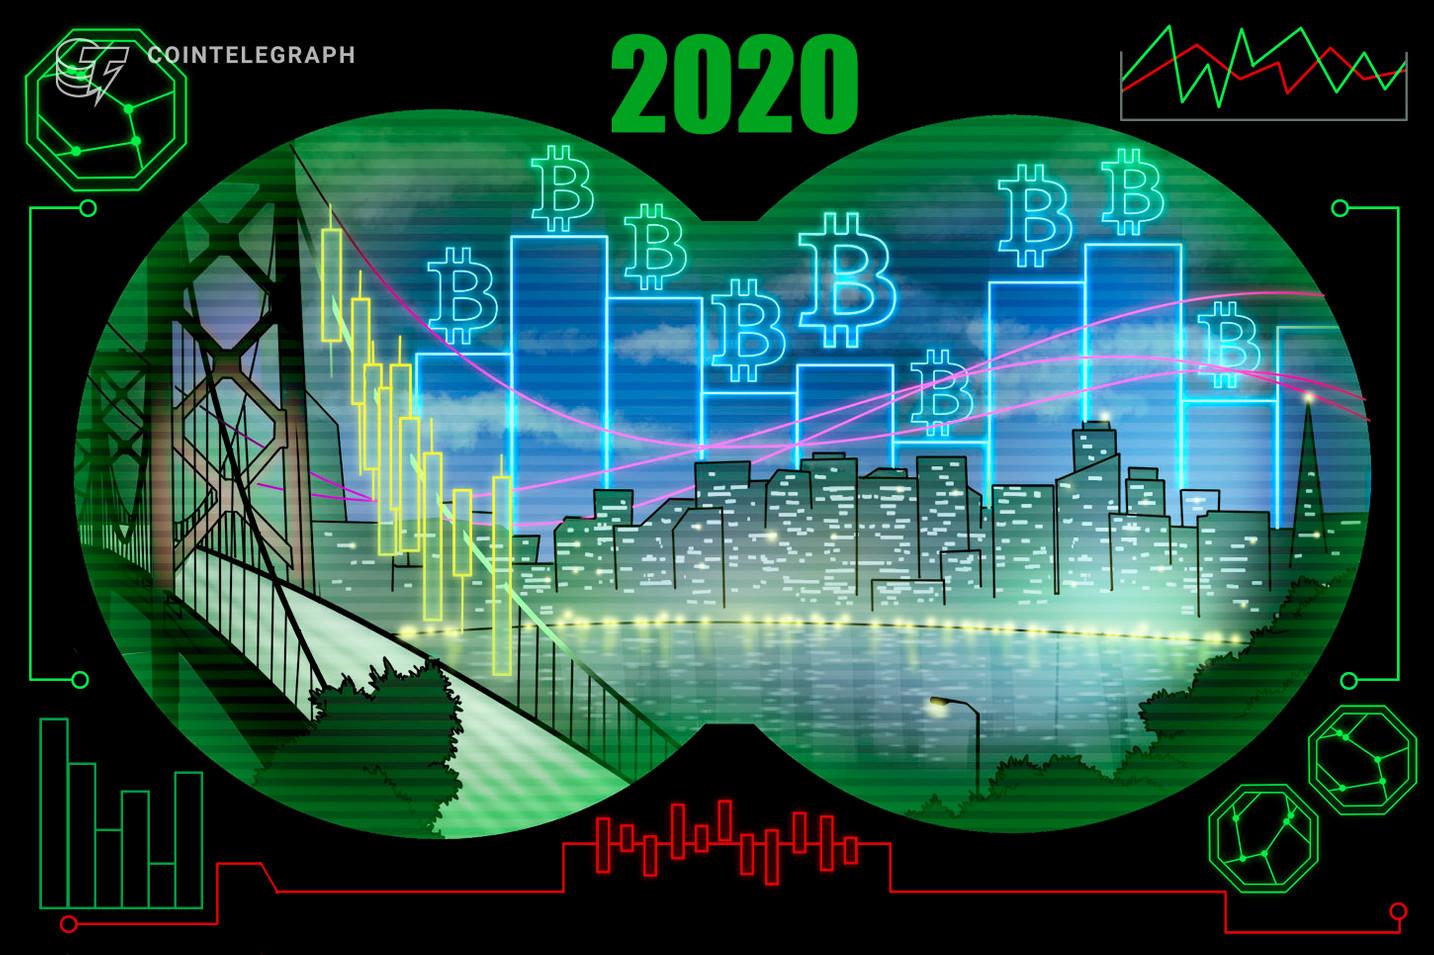 Como os modelos mais populares de previsão de preço do Bitcoin se saíram em 2020